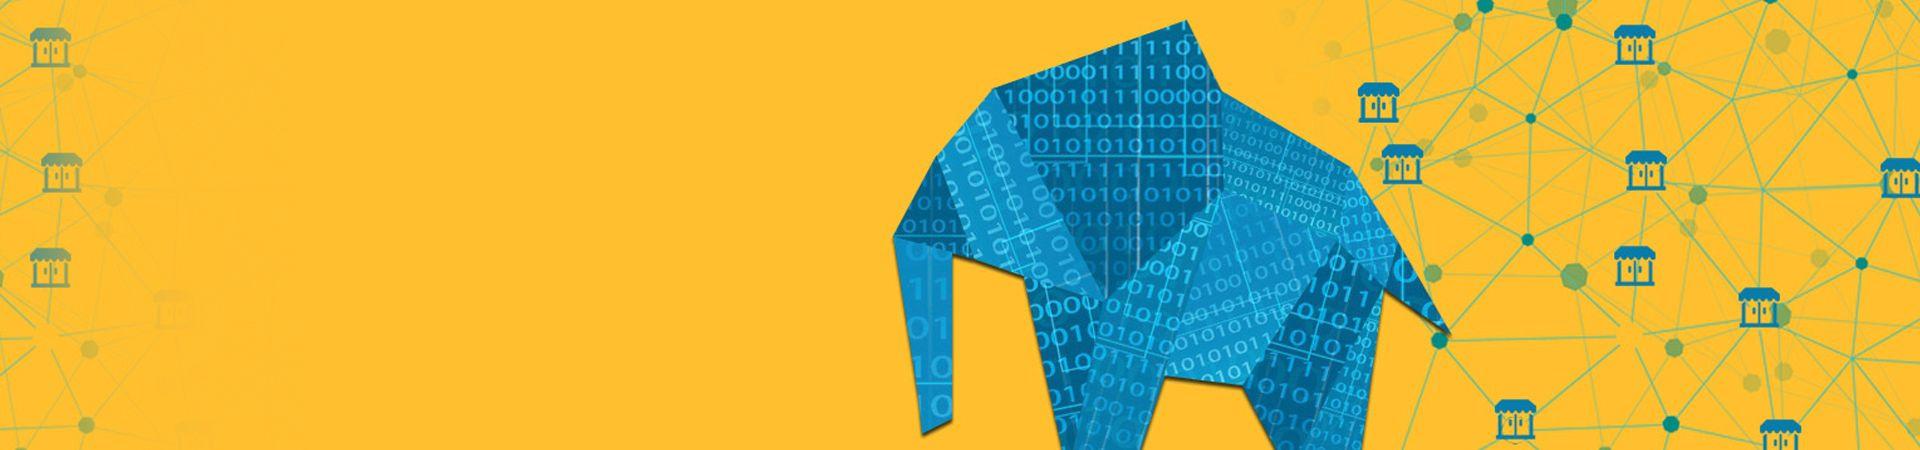 Технологии Больших данных